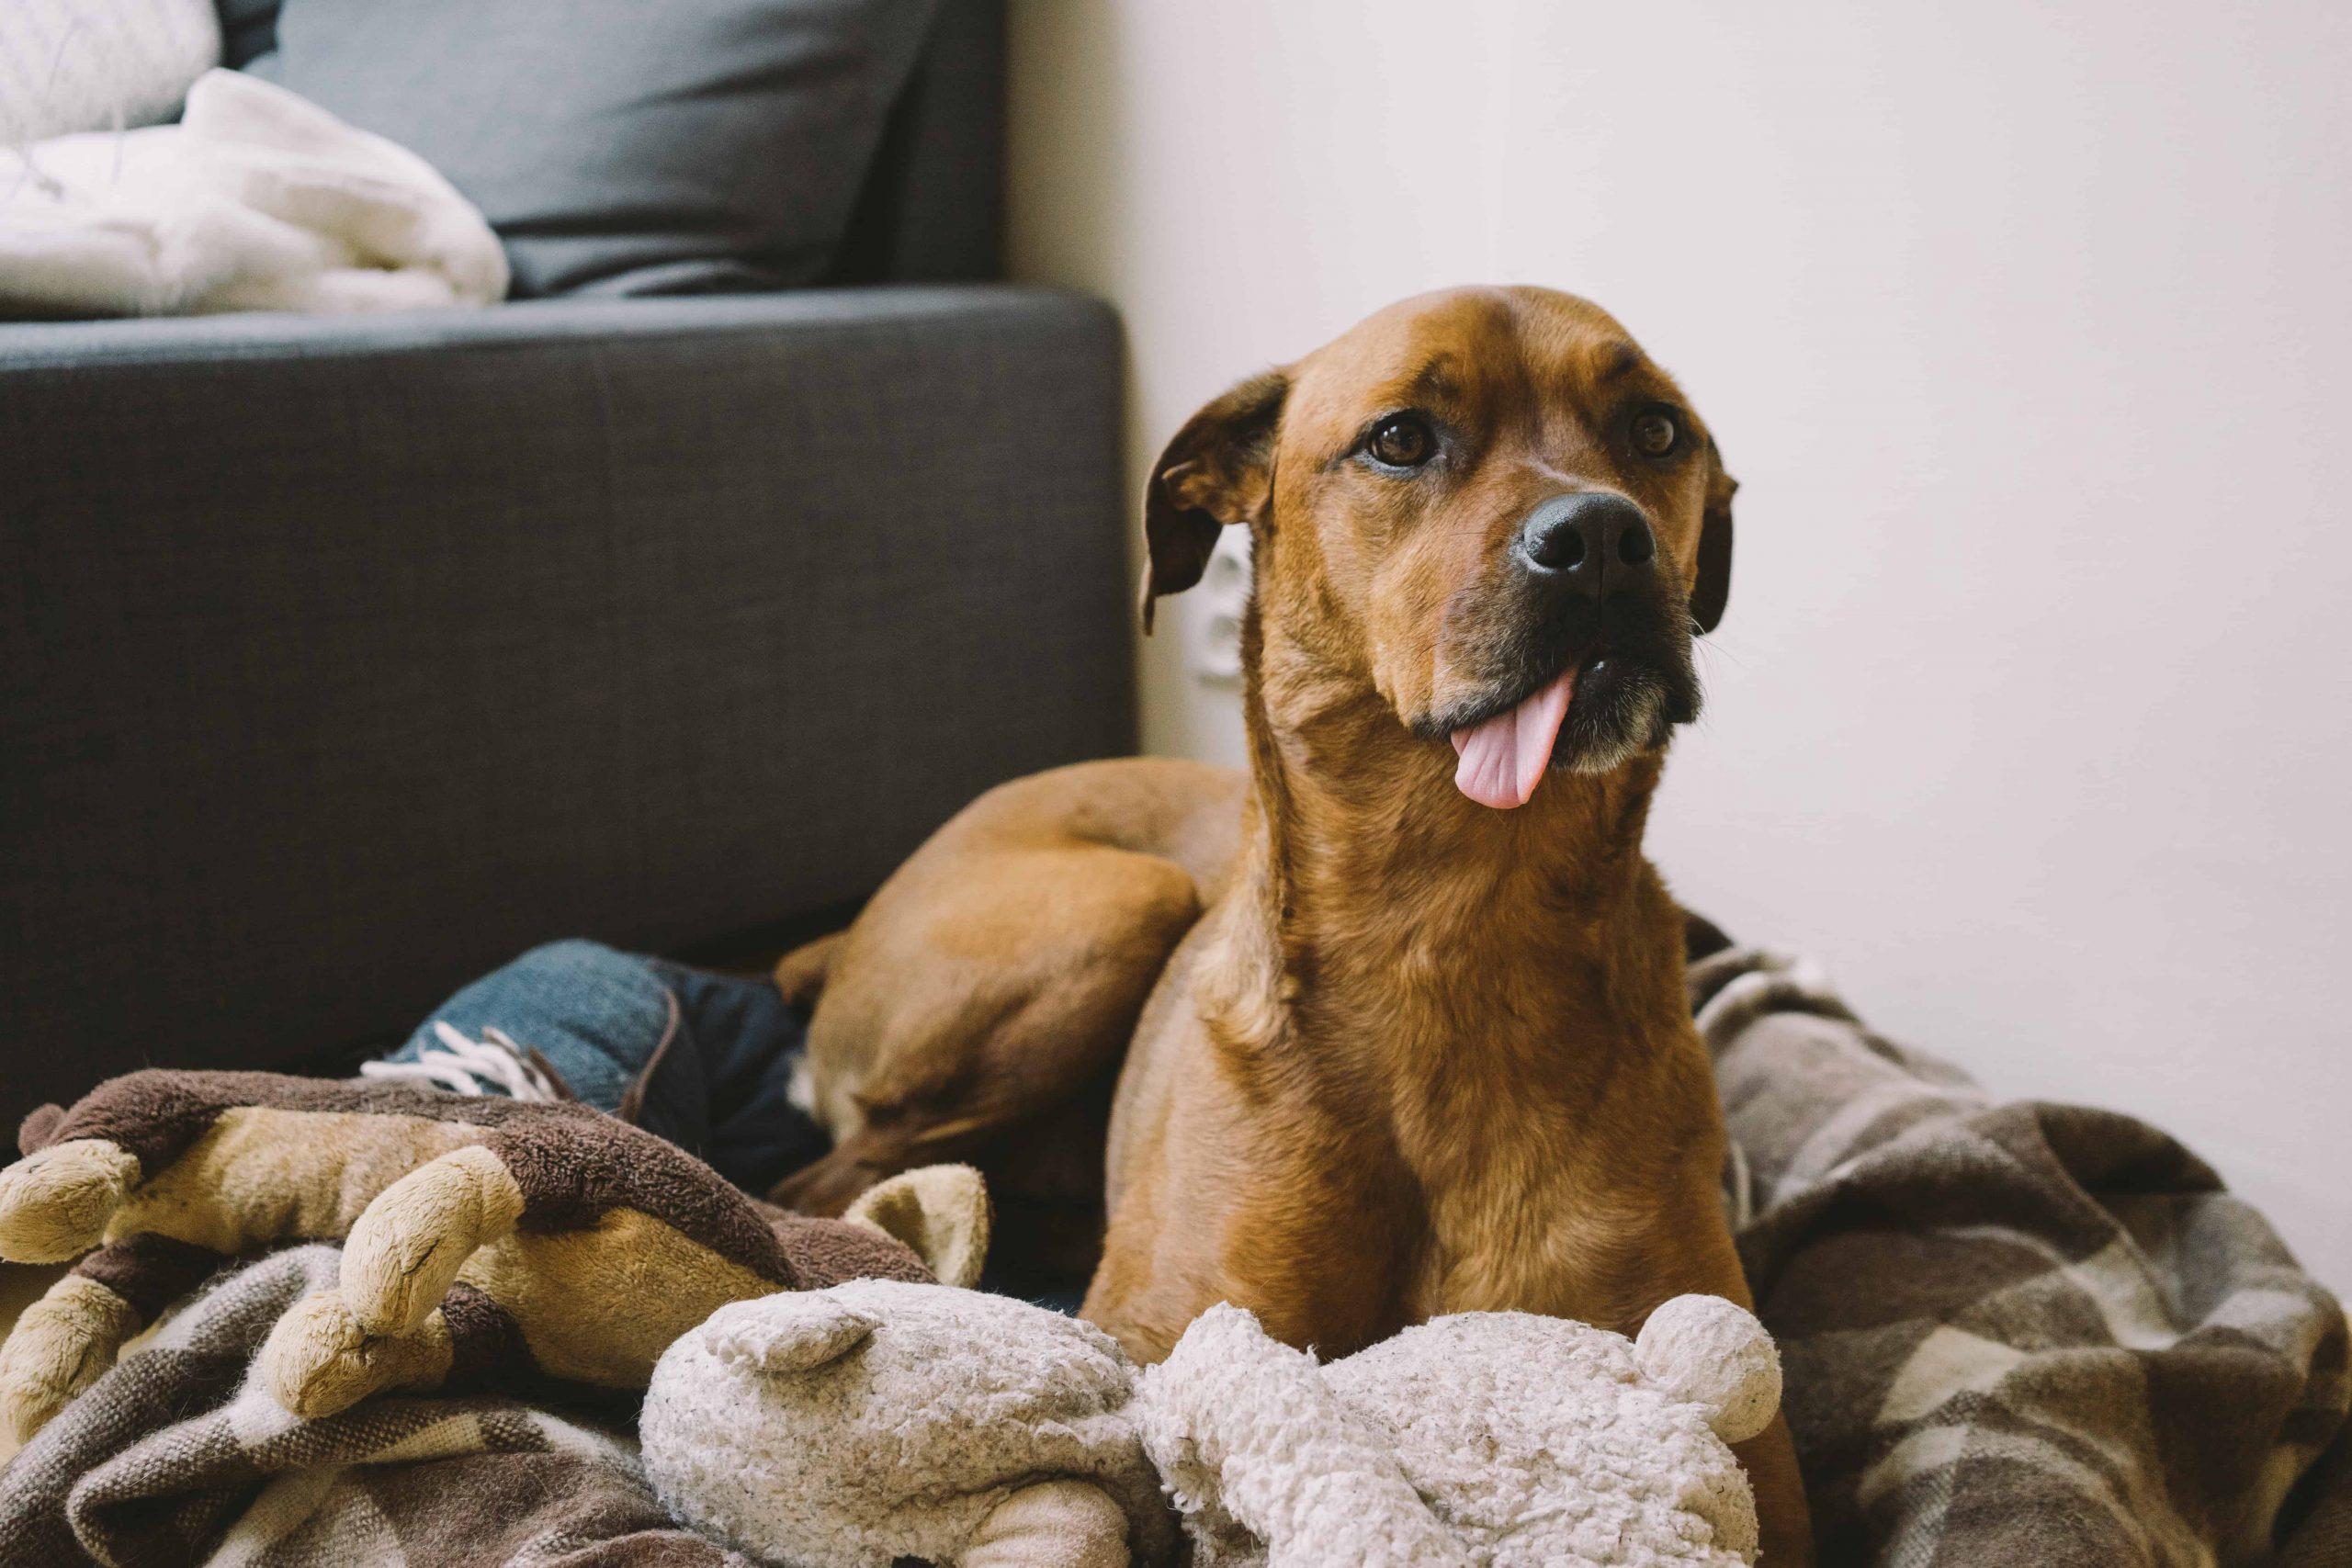 Hundespielzeug: Test & Empfehlungen (01/21)